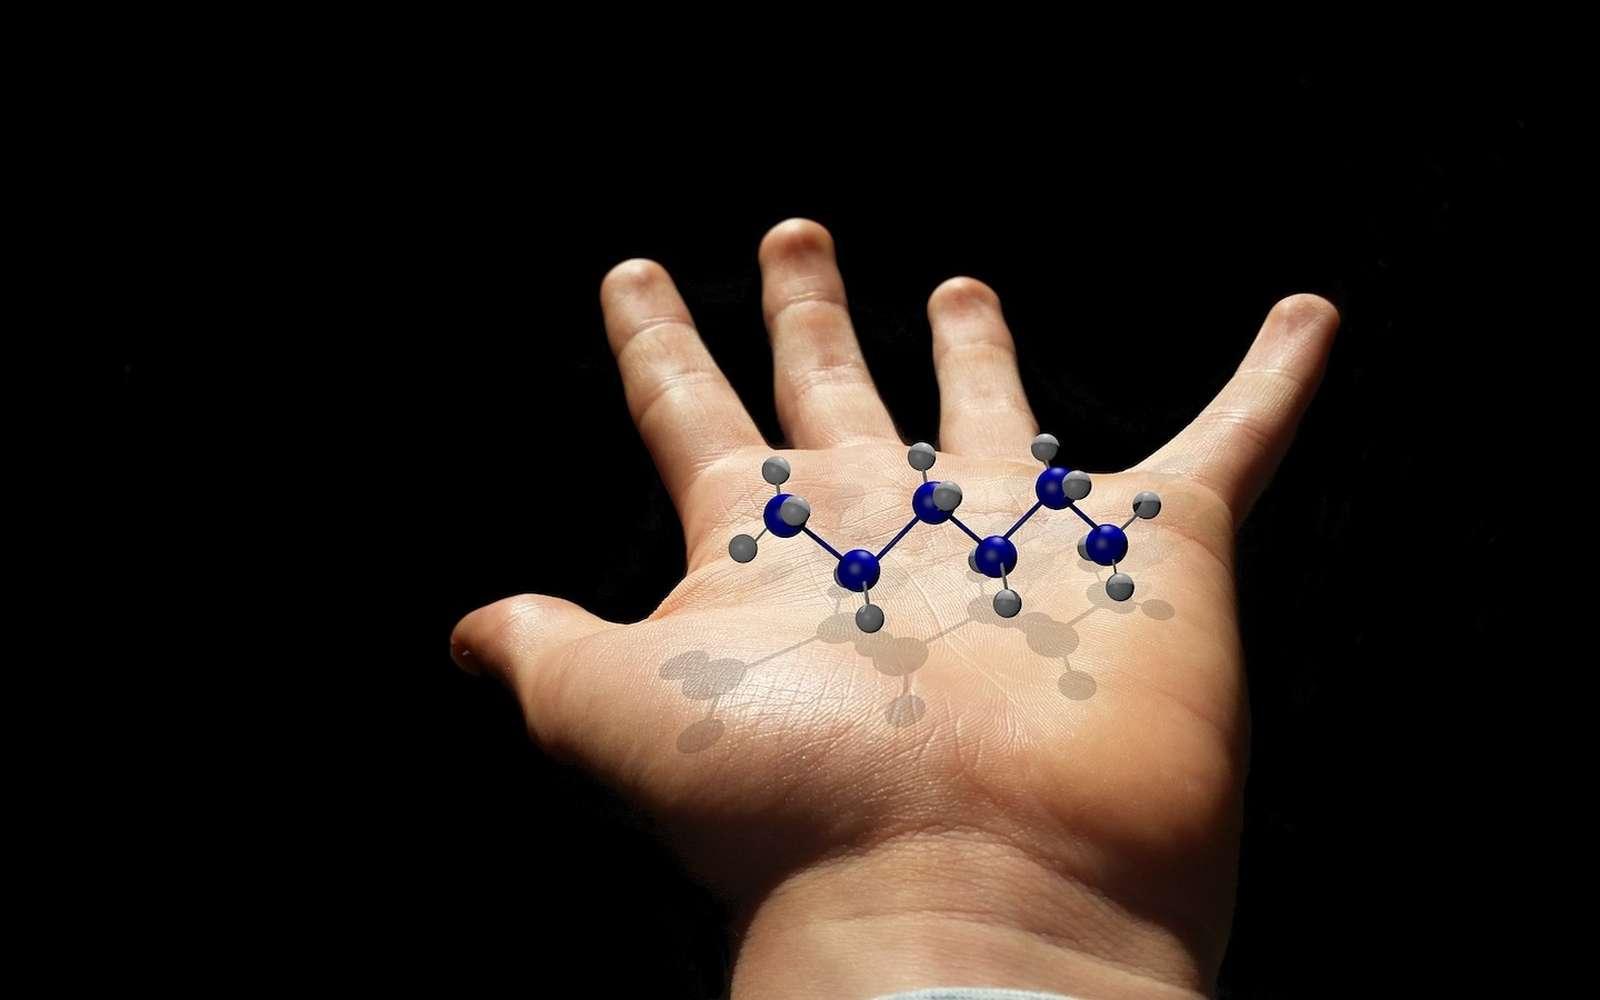 Peut-on enregistrer des données numériques sur des molécules du corps humain ? La réponse est oui. © ColiN00B, Pixabay